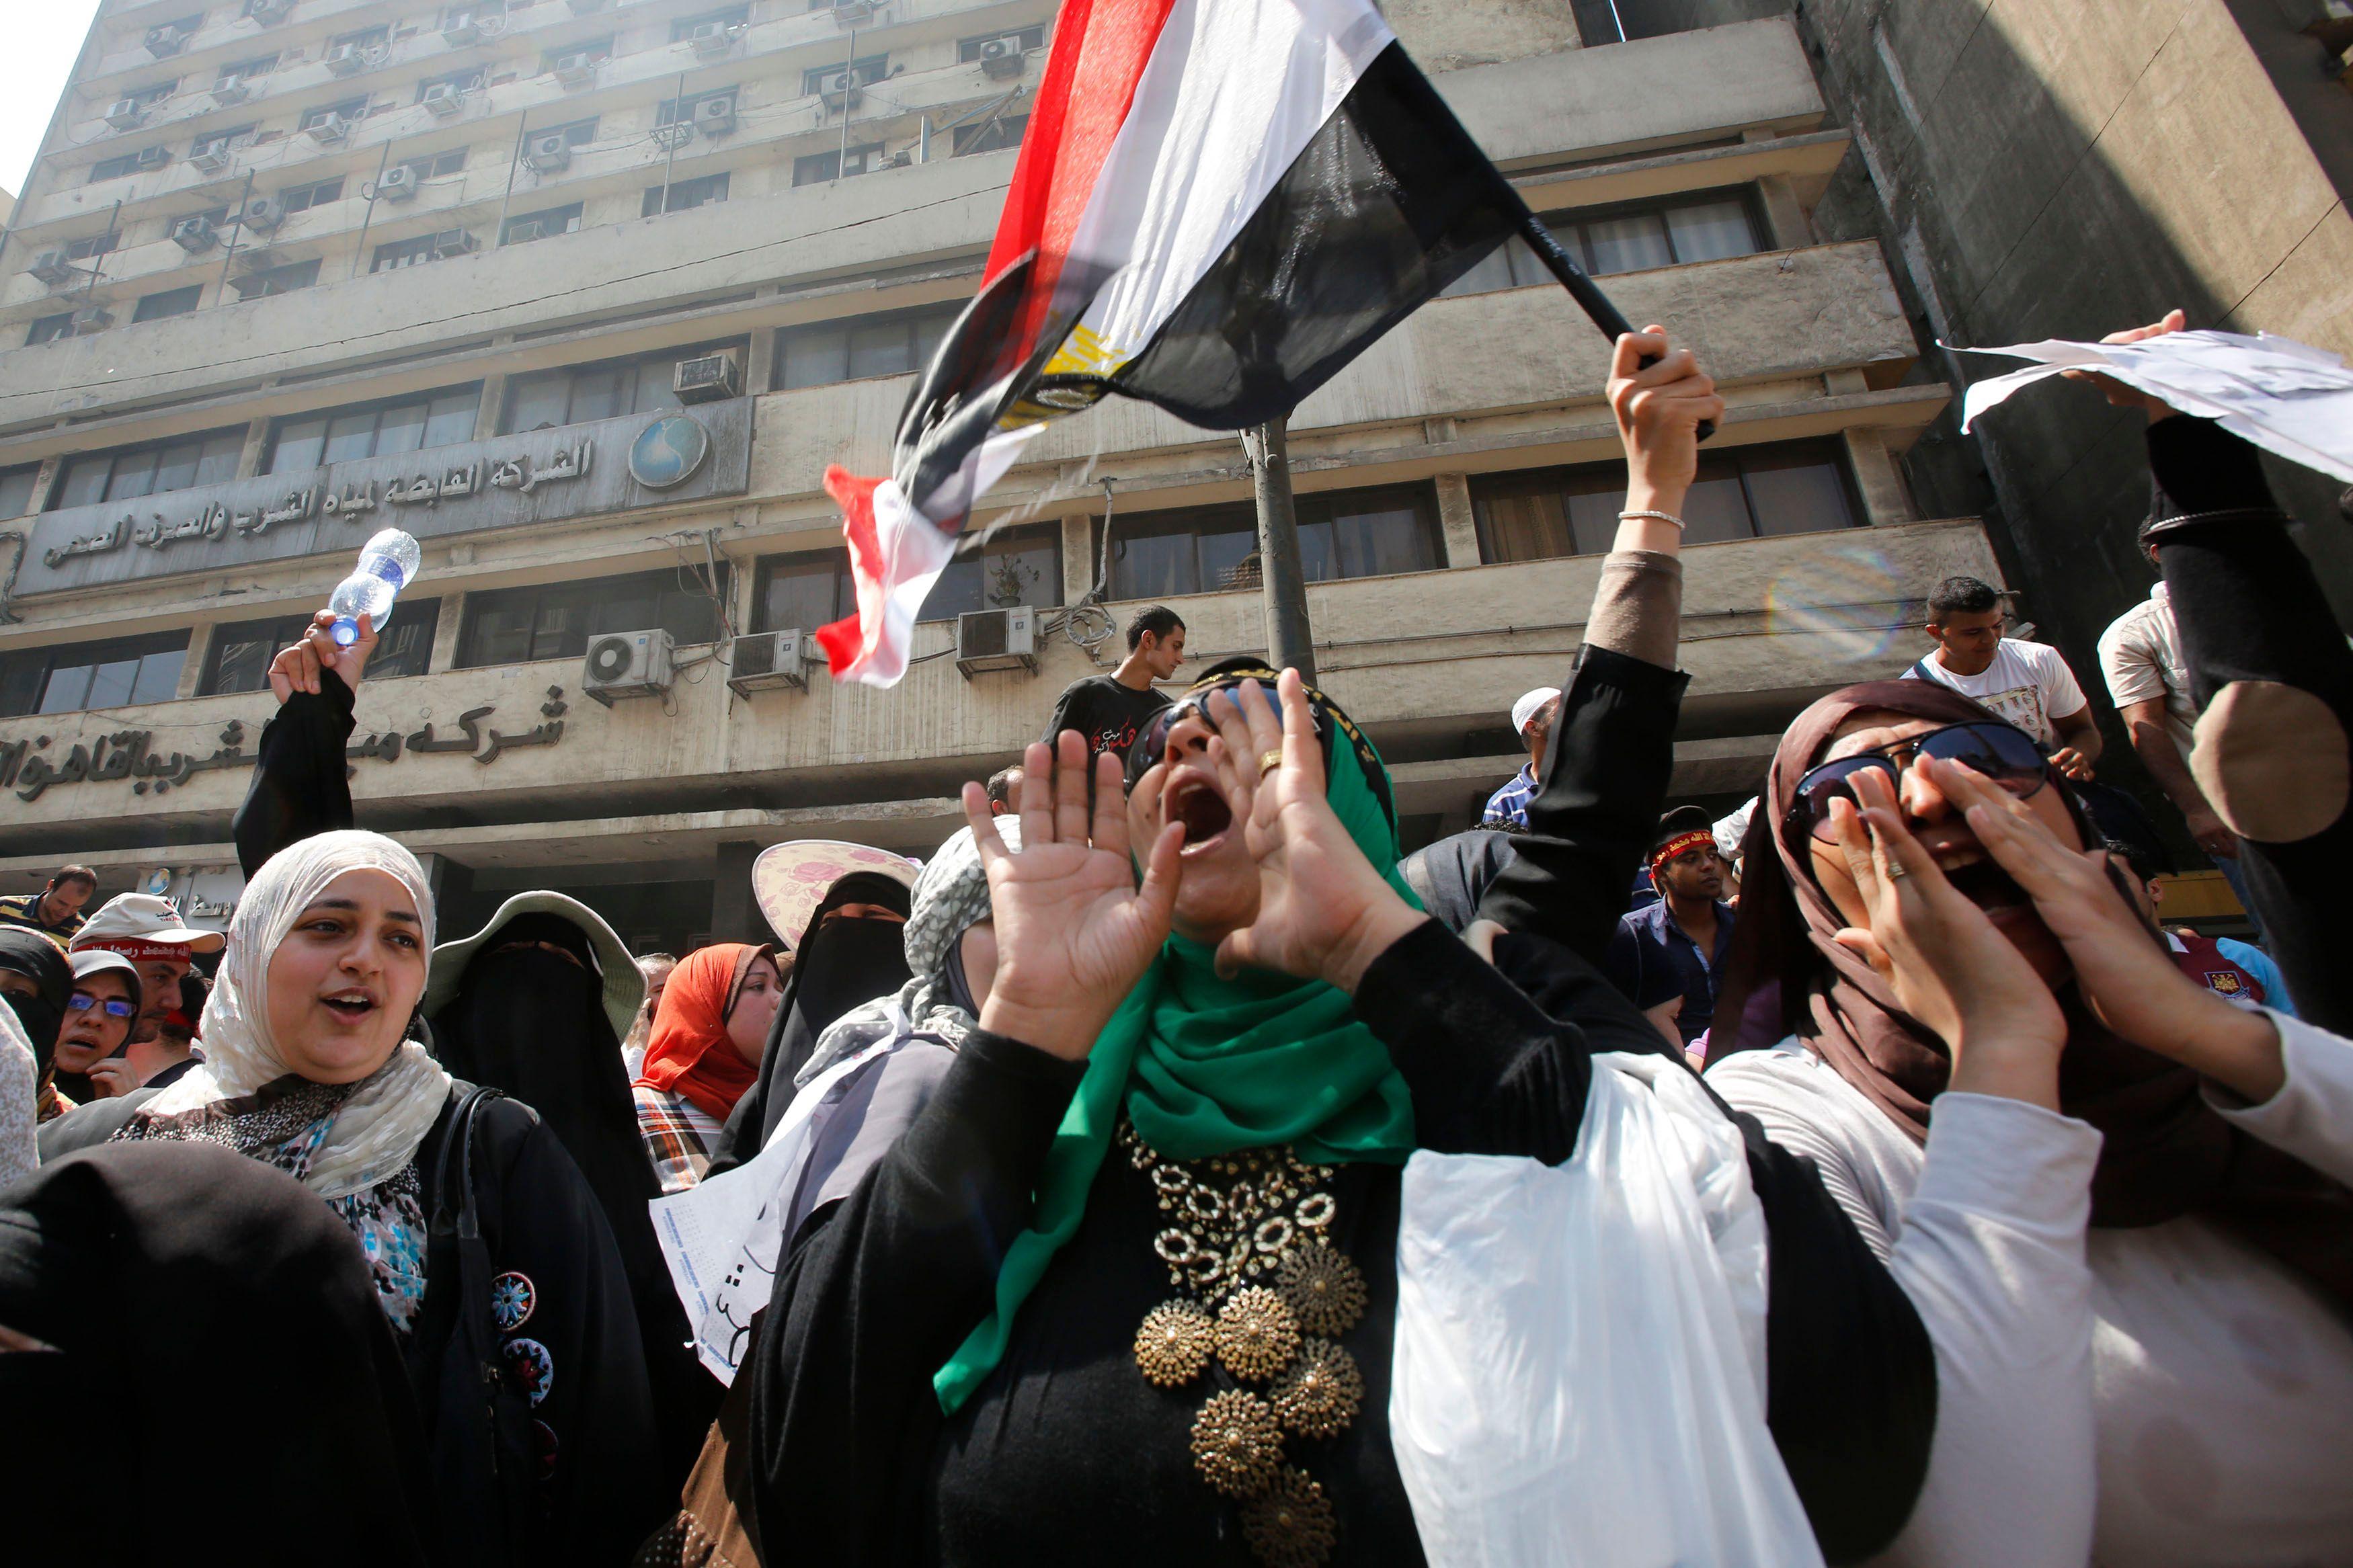 L'Egypte au bord du chaos : quelles conséquences pour l'ensemble du Moyen-Orient ?